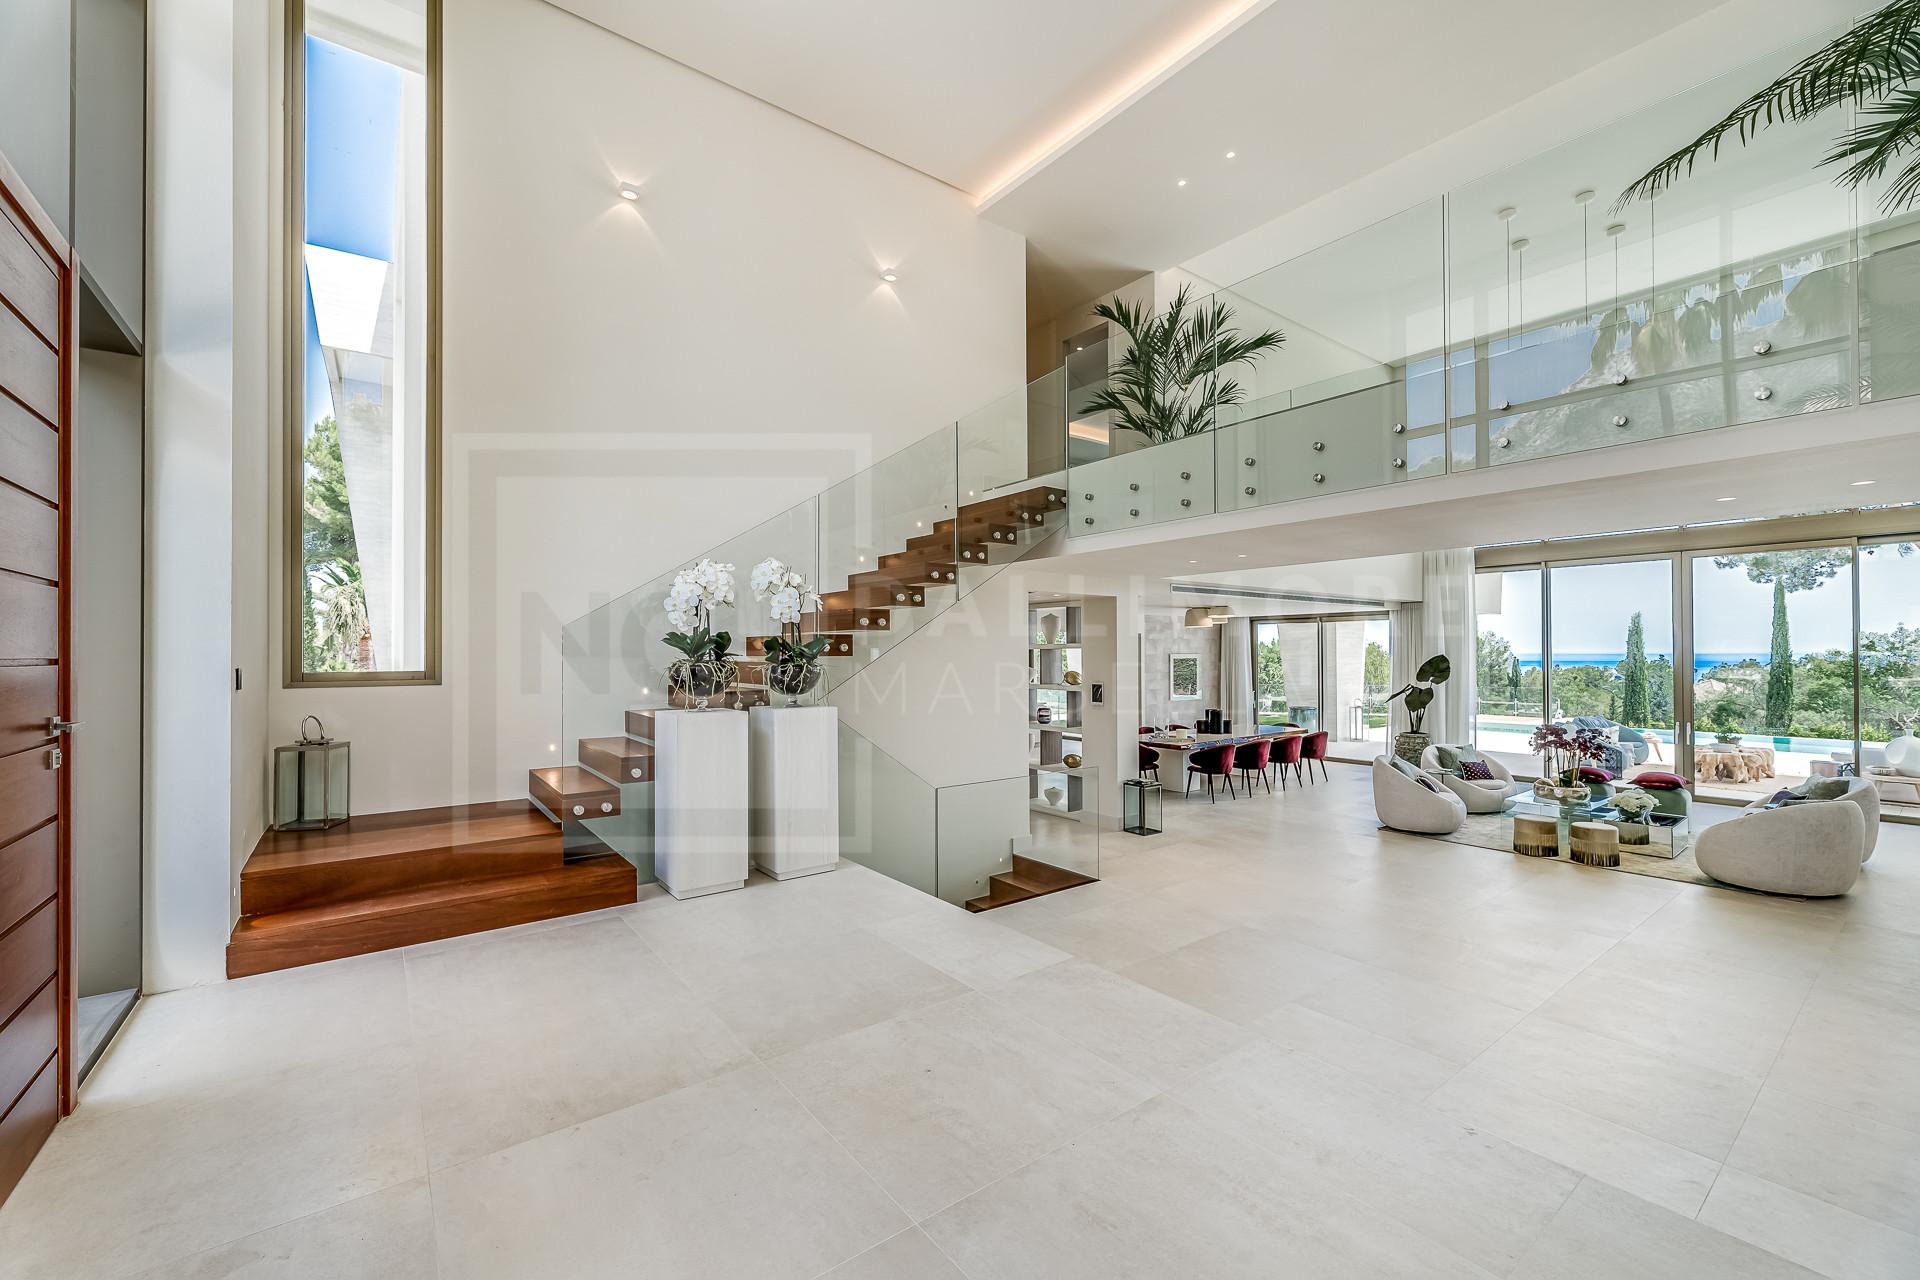 Villa Sierra Blanca, Marbella Golden Mile - NEWV6551